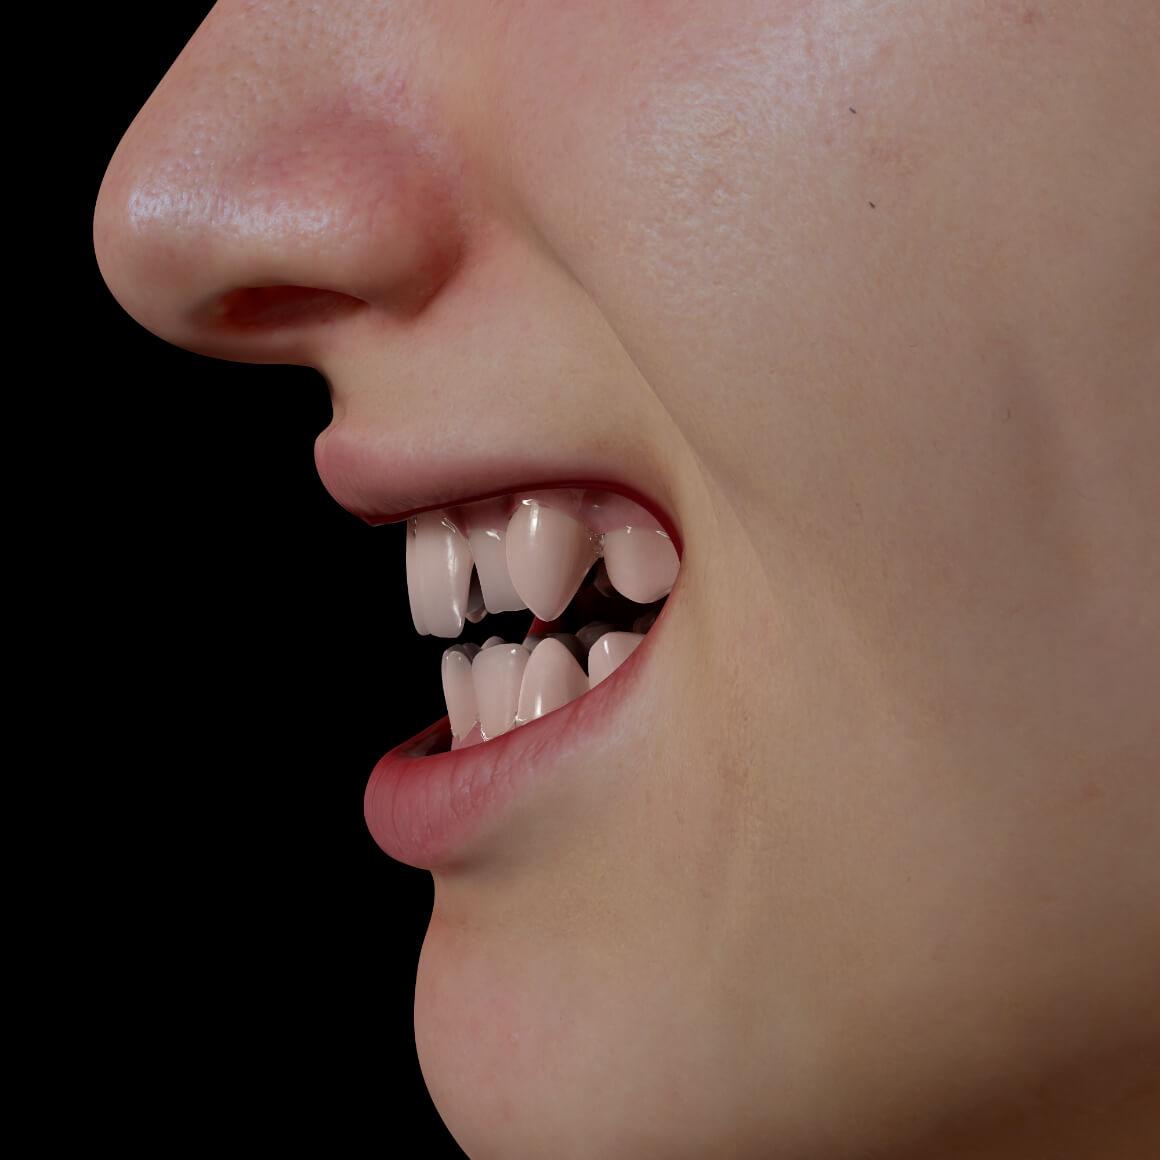 Sourire d'une patiente de la Clinique Chloé positionné de côté démontrant des dents croches et mal alignées